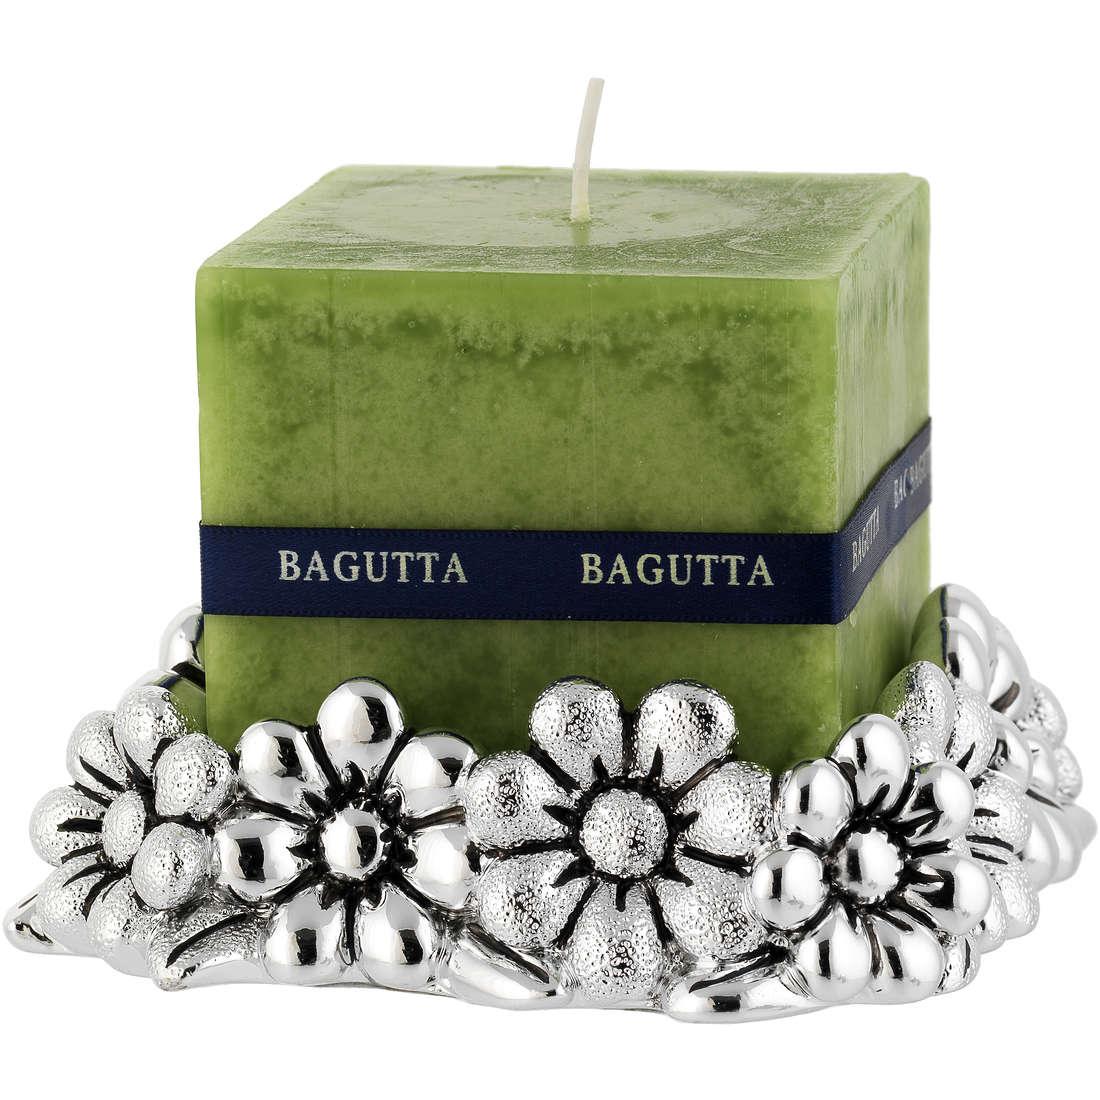 oggettistica Bagutta 1866-02 VE